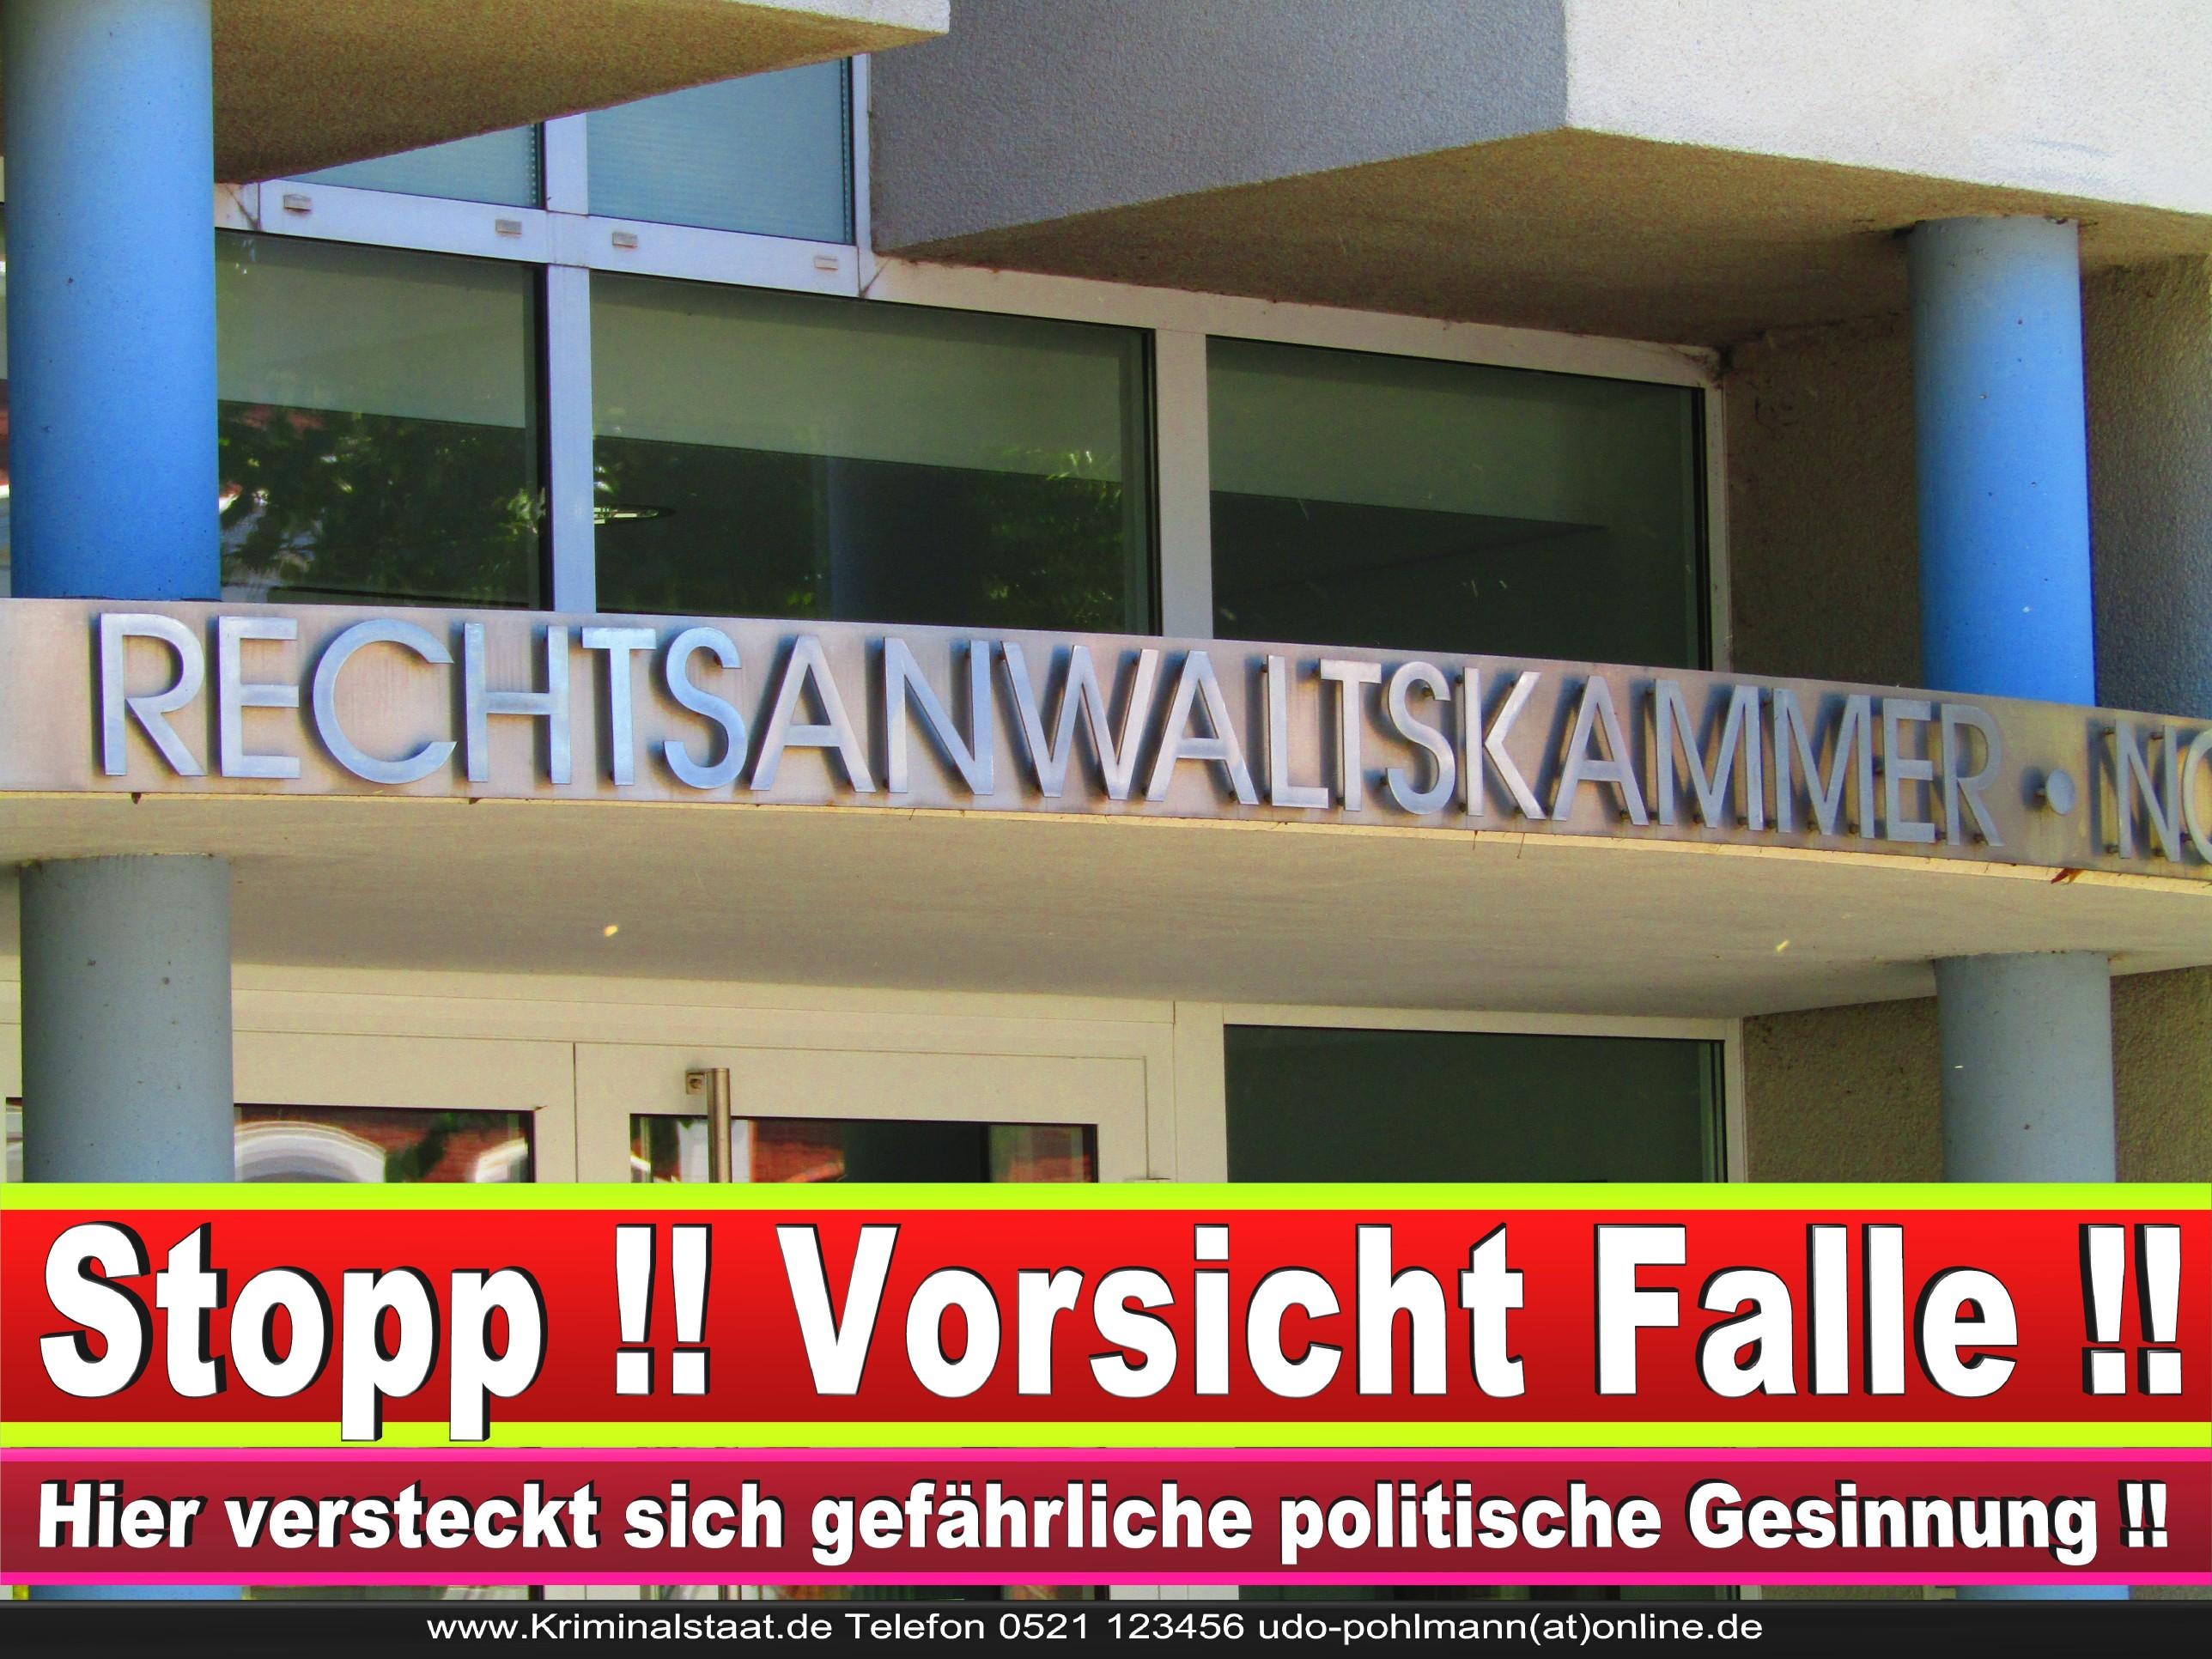 Rechtsanwaltskammer Hamm NRW Justizminister Rechtsanwalt Notar Vermögensverfall Urteil Rechtsprechung CDU SPD FDP Berufsordnung Rechtsanwälte Rechtsprechung (23)